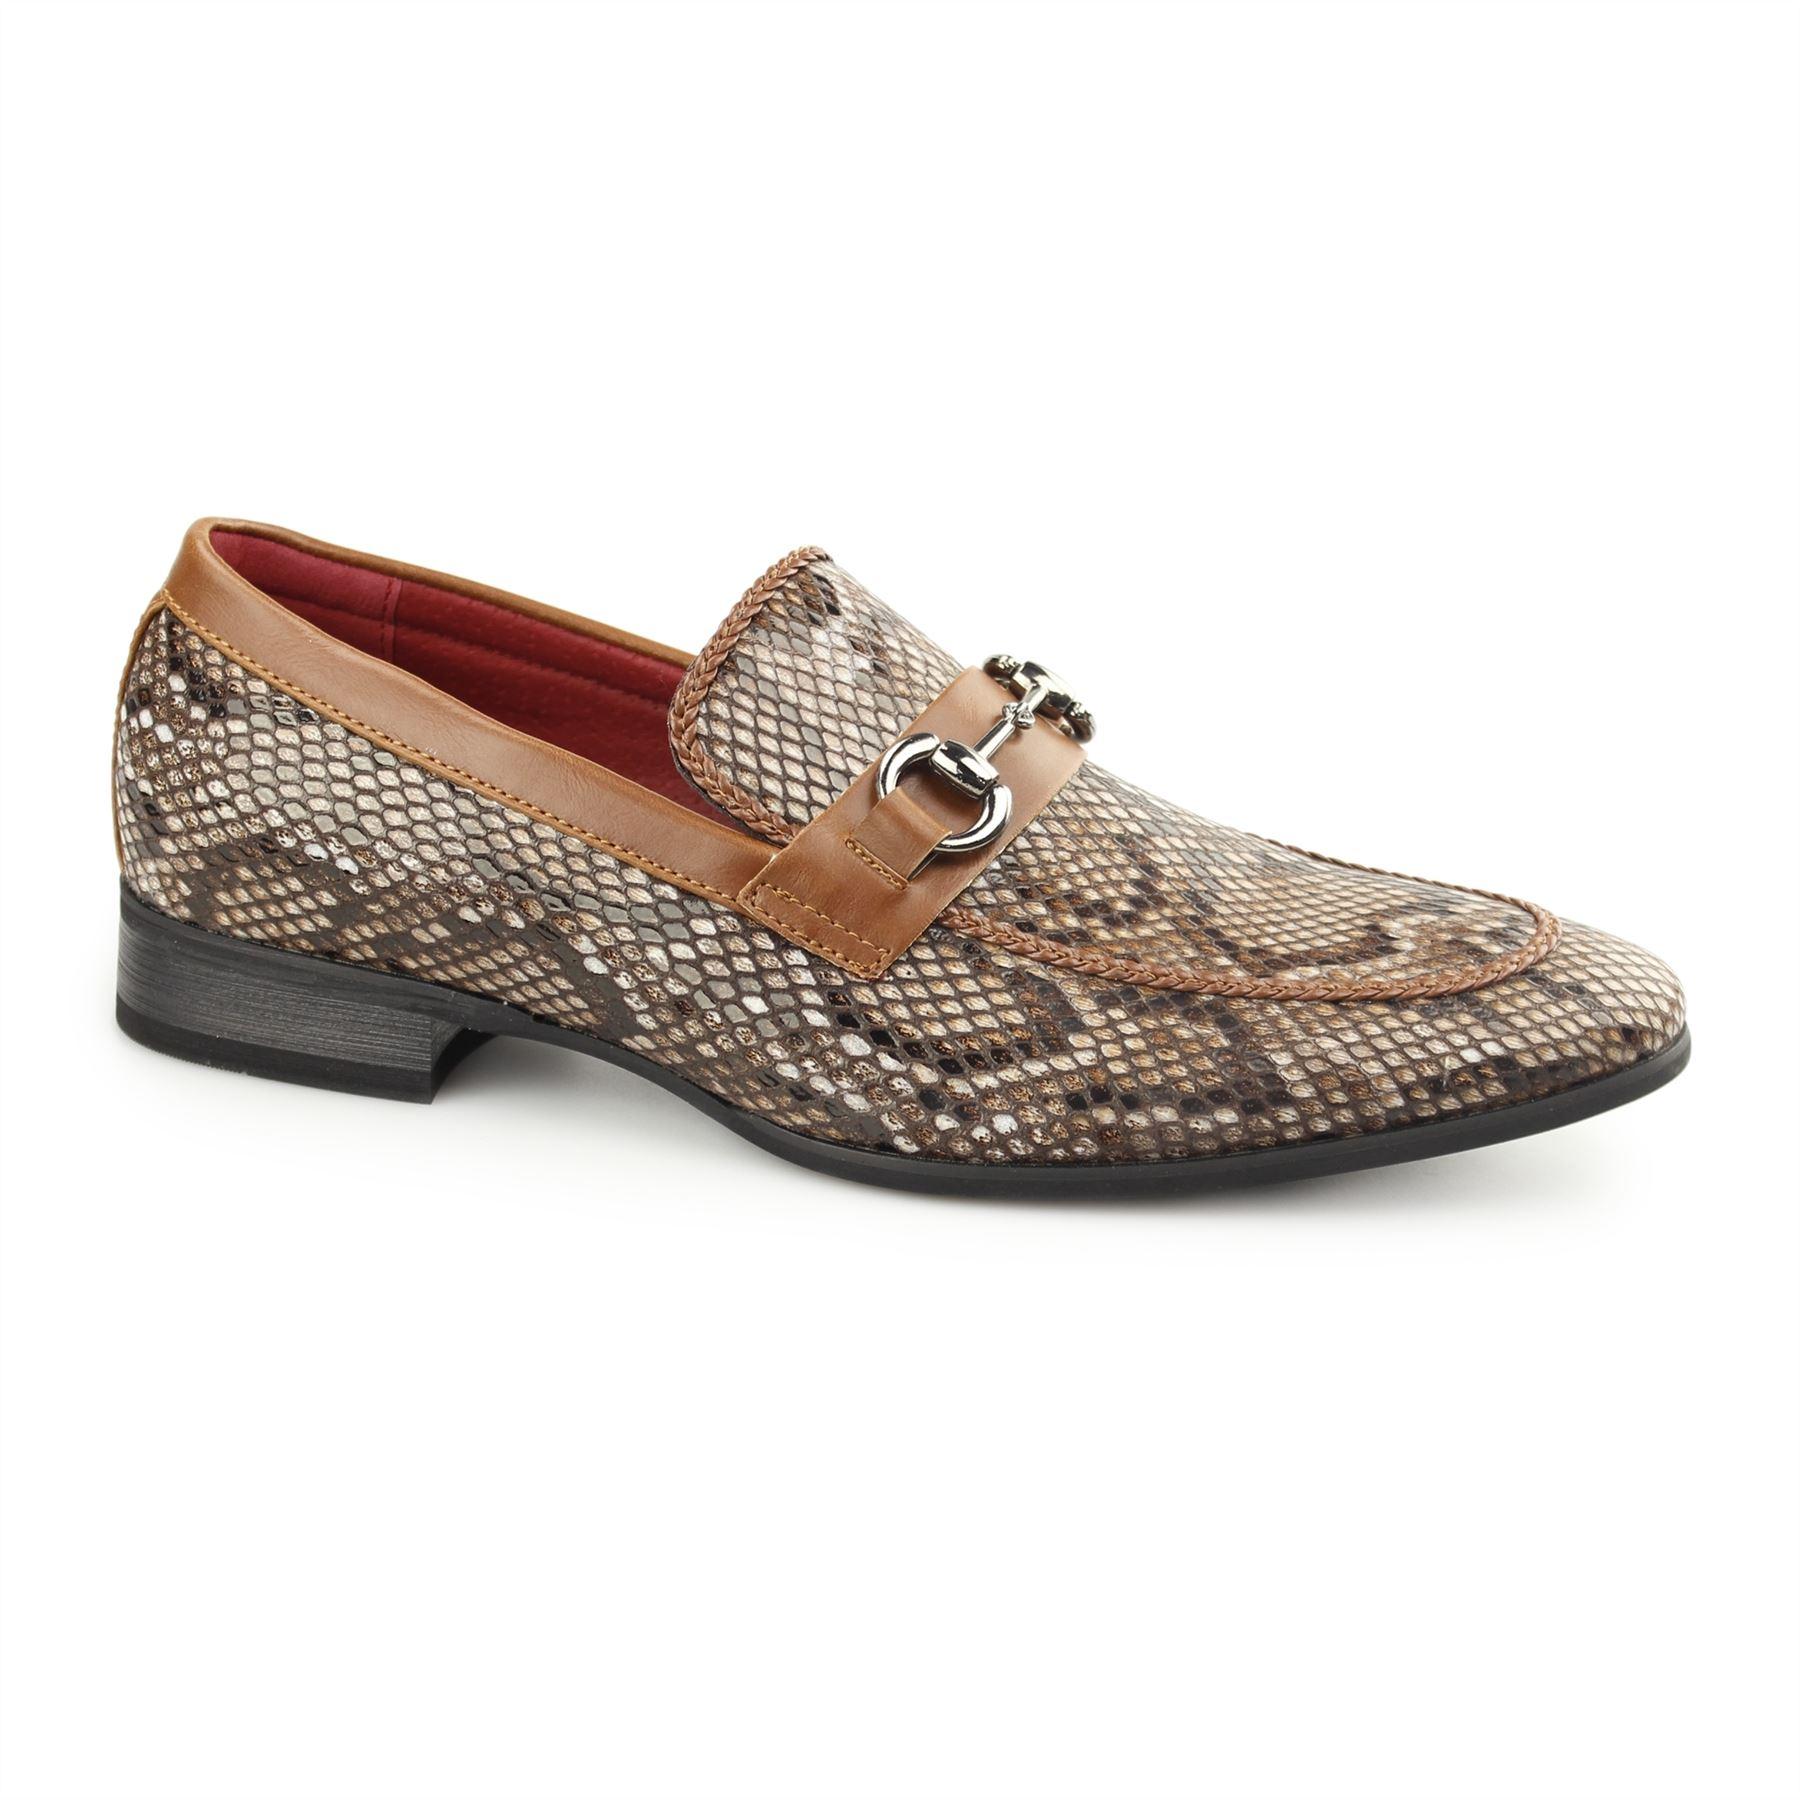 mens designer smart office snakeskin print buckle loafers